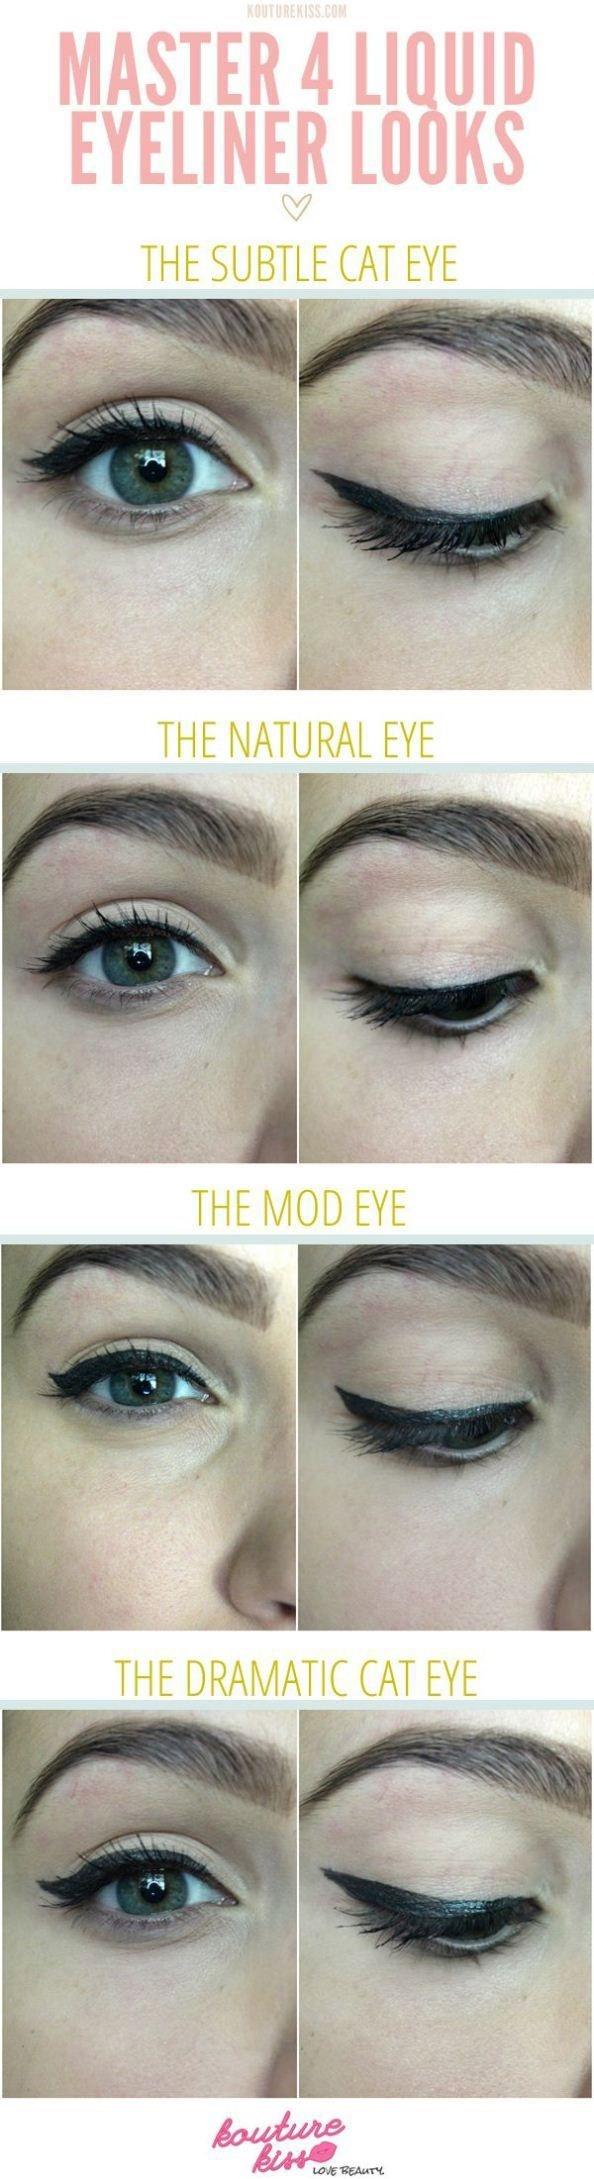 4 Liquid Eyeliner Looks